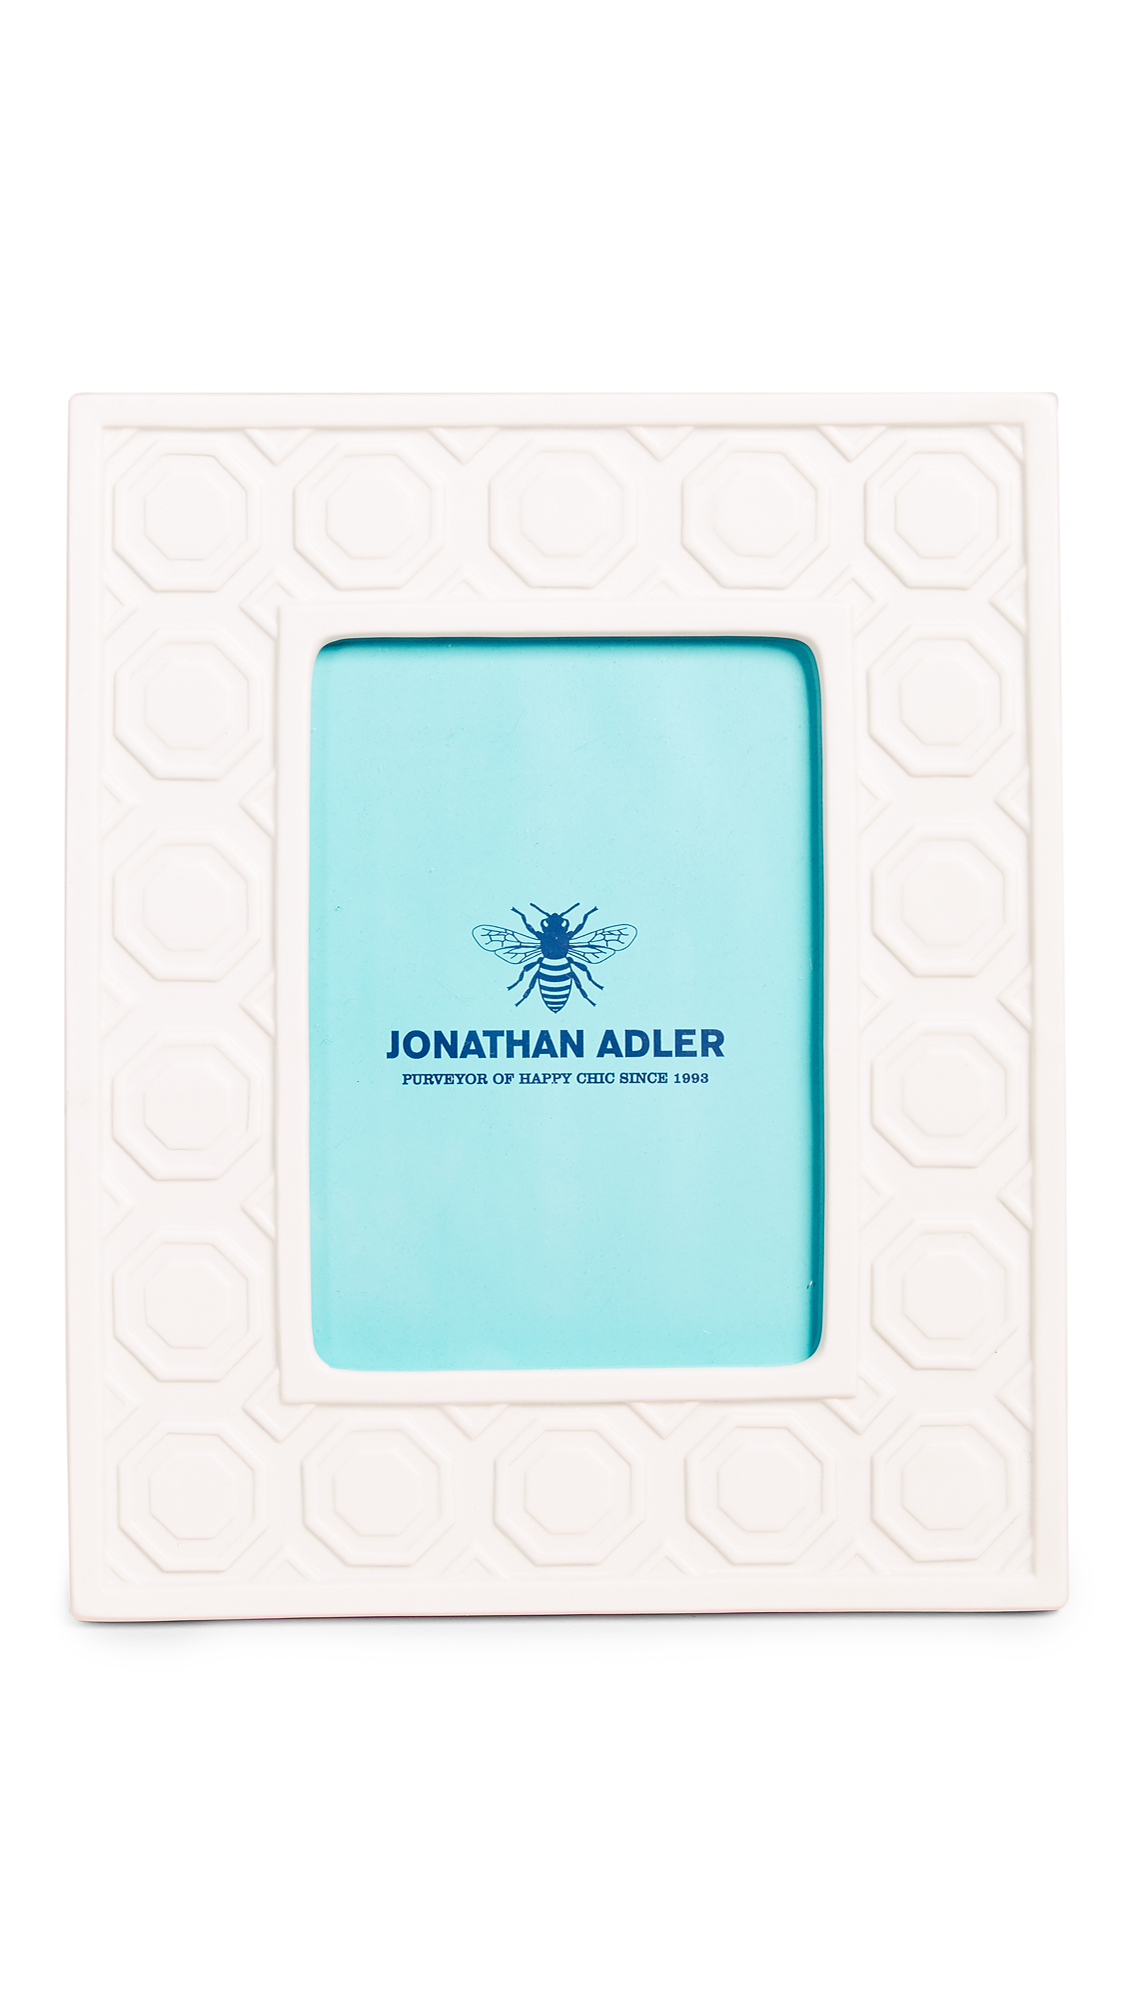 Jonathan Adler Charade Moulding 5x7 Frame - White